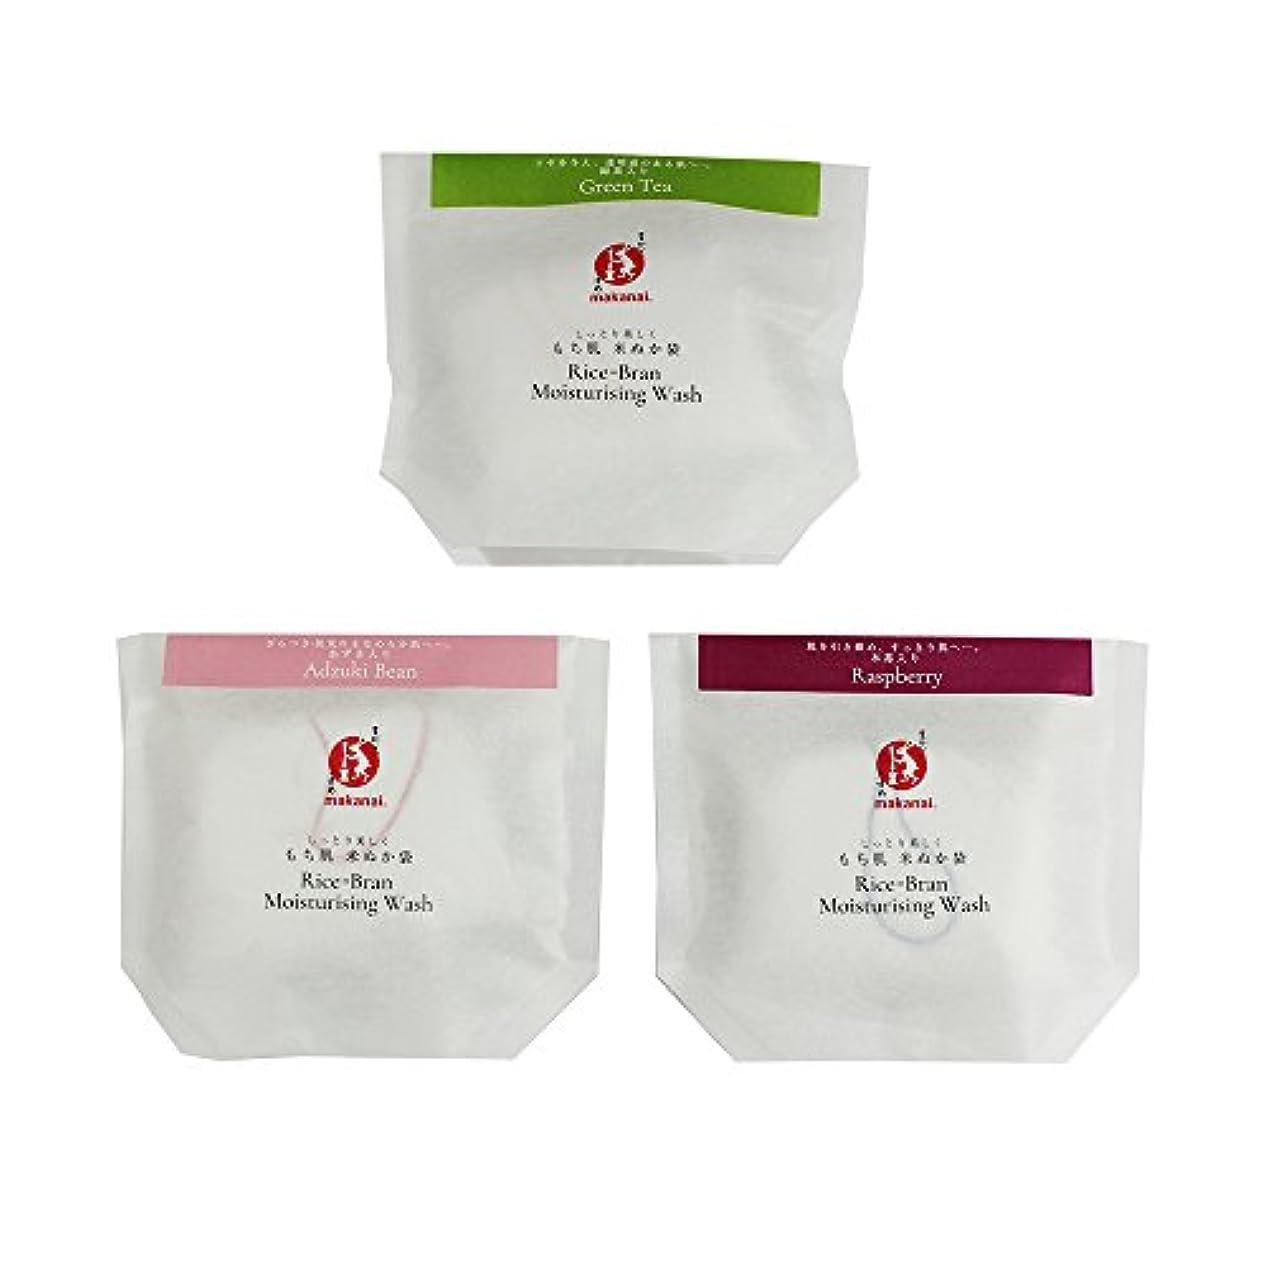 アルカトラズ島デジタル吸収剤まかないこすめ もち肌米ぬか袋3種セット(緑茶?木苺?あずき)